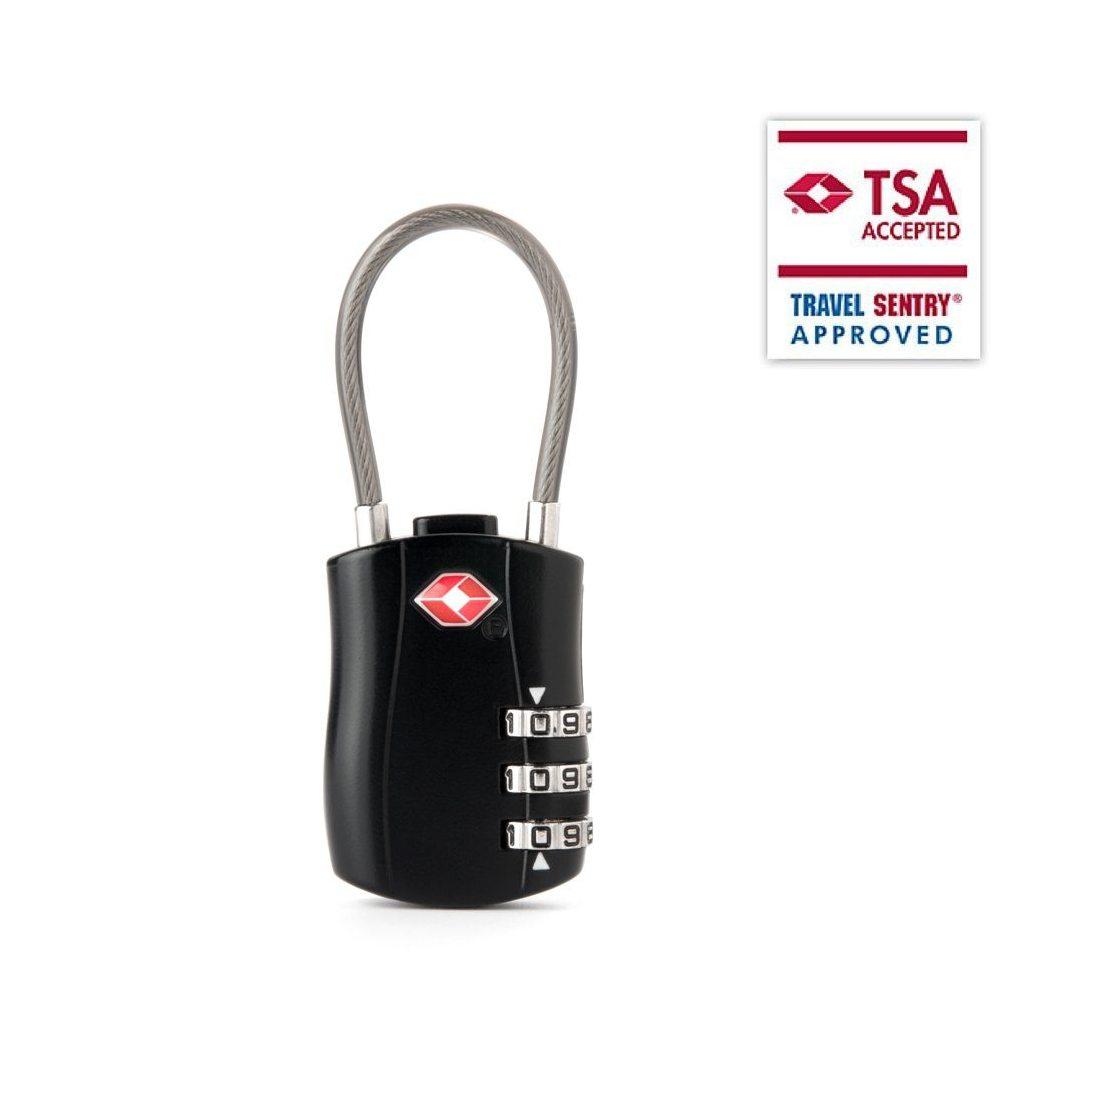 2 Cadenas à Combinaison FOXAS TSA Cadenas à codes a 3 chiffres serrure de sécurité en Voyage pour des bagages casier et valis